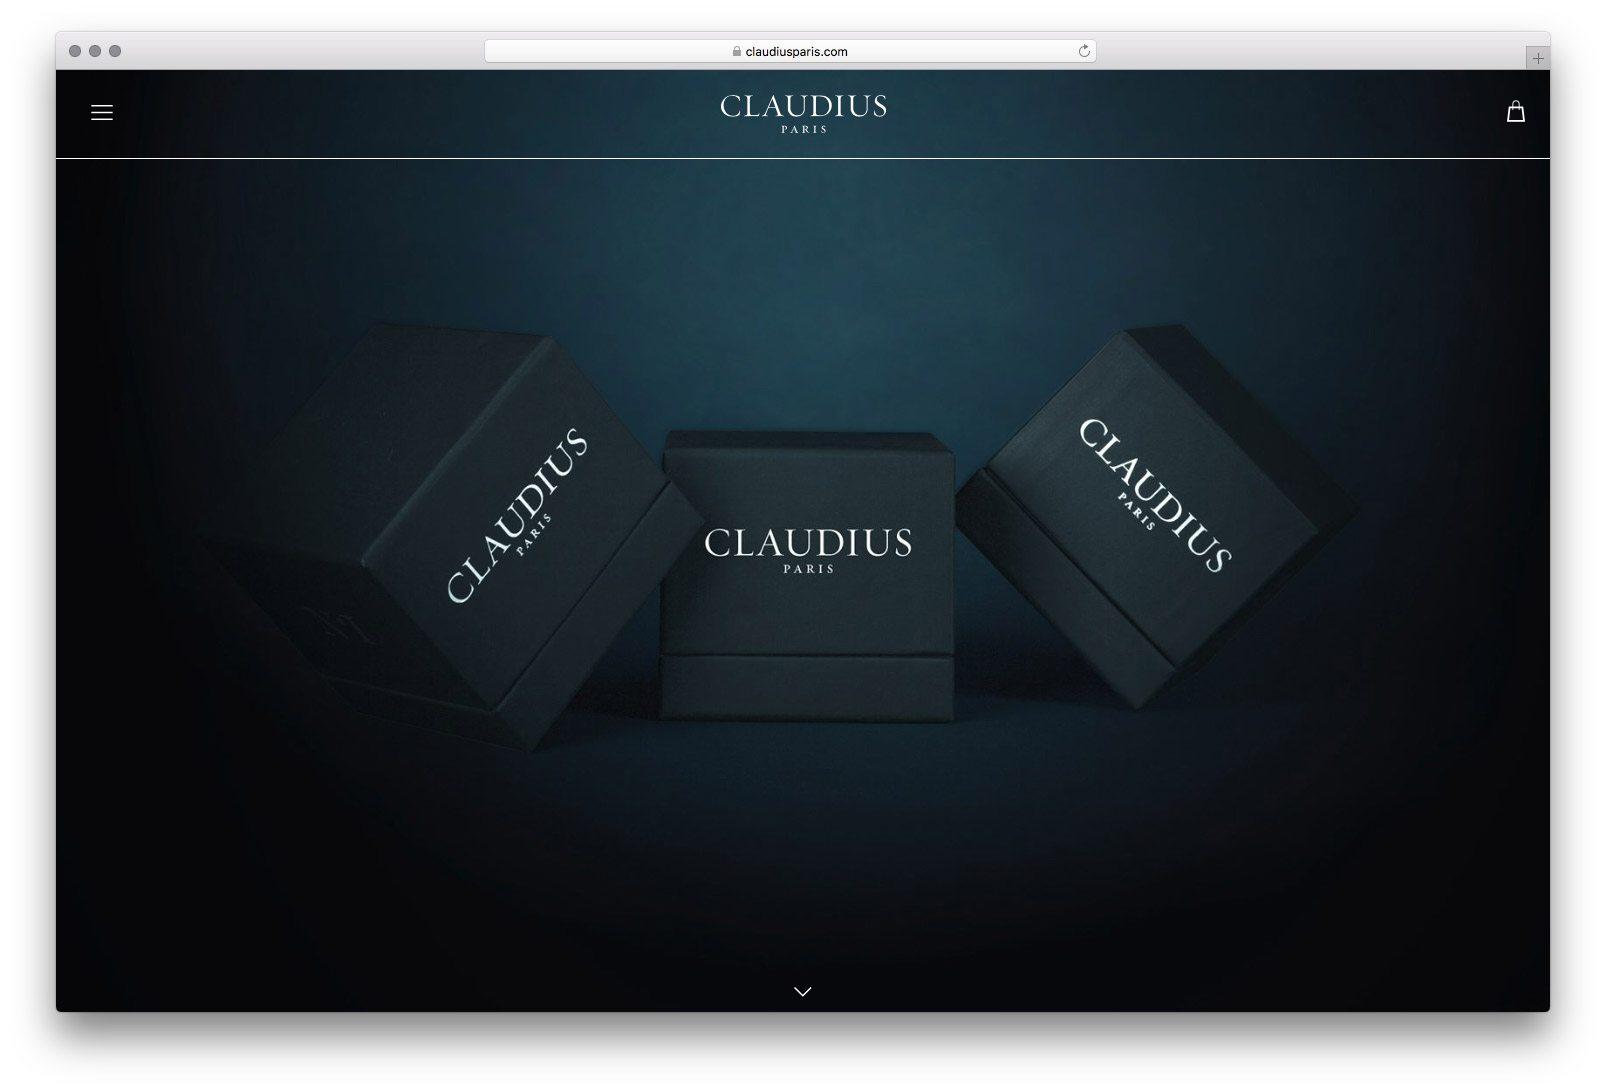 Page d'accueil du site internet de Claudius par Ichetkar